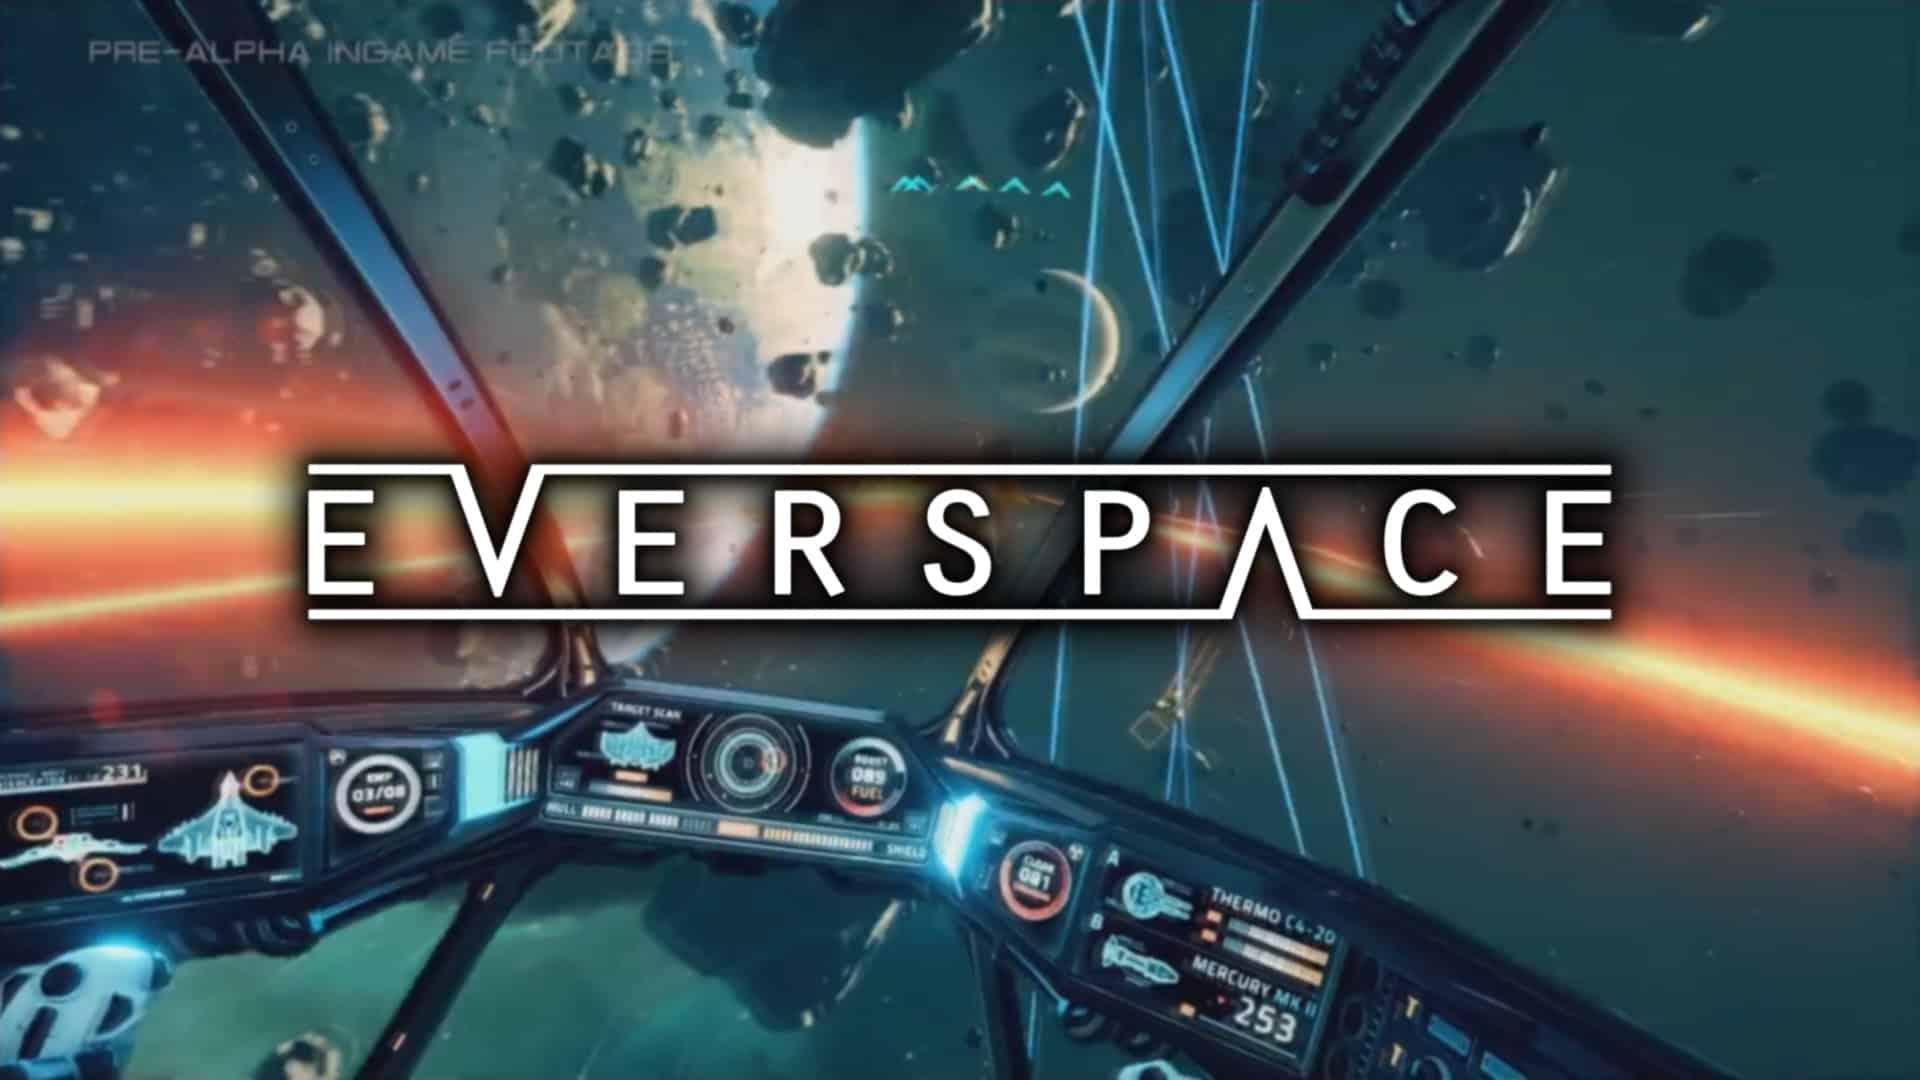 Everspace telecharger gratuit de PC et Torrent